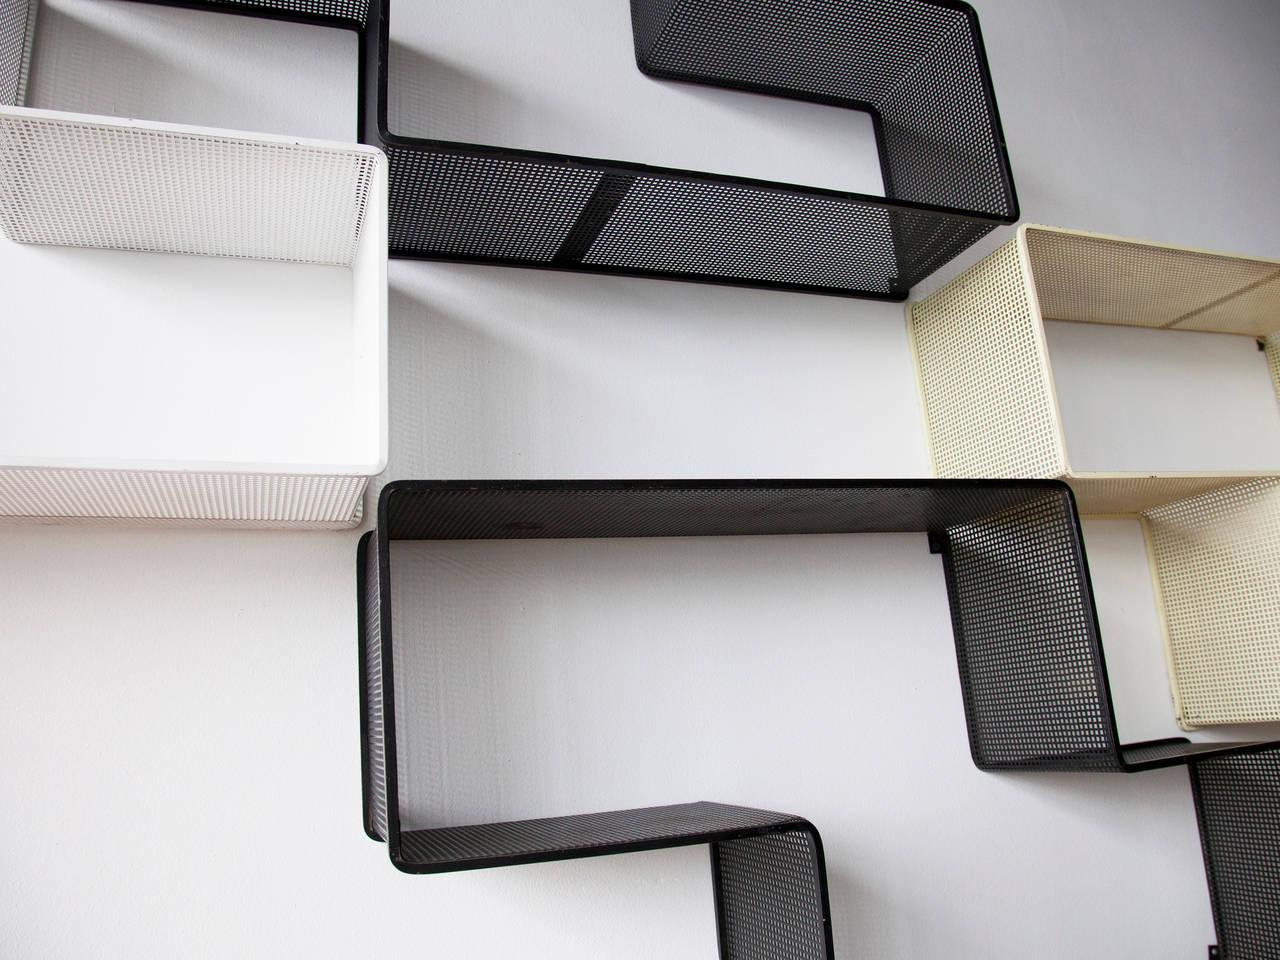 Mathieu Matégot Set of Modular Dedal Shelves 4